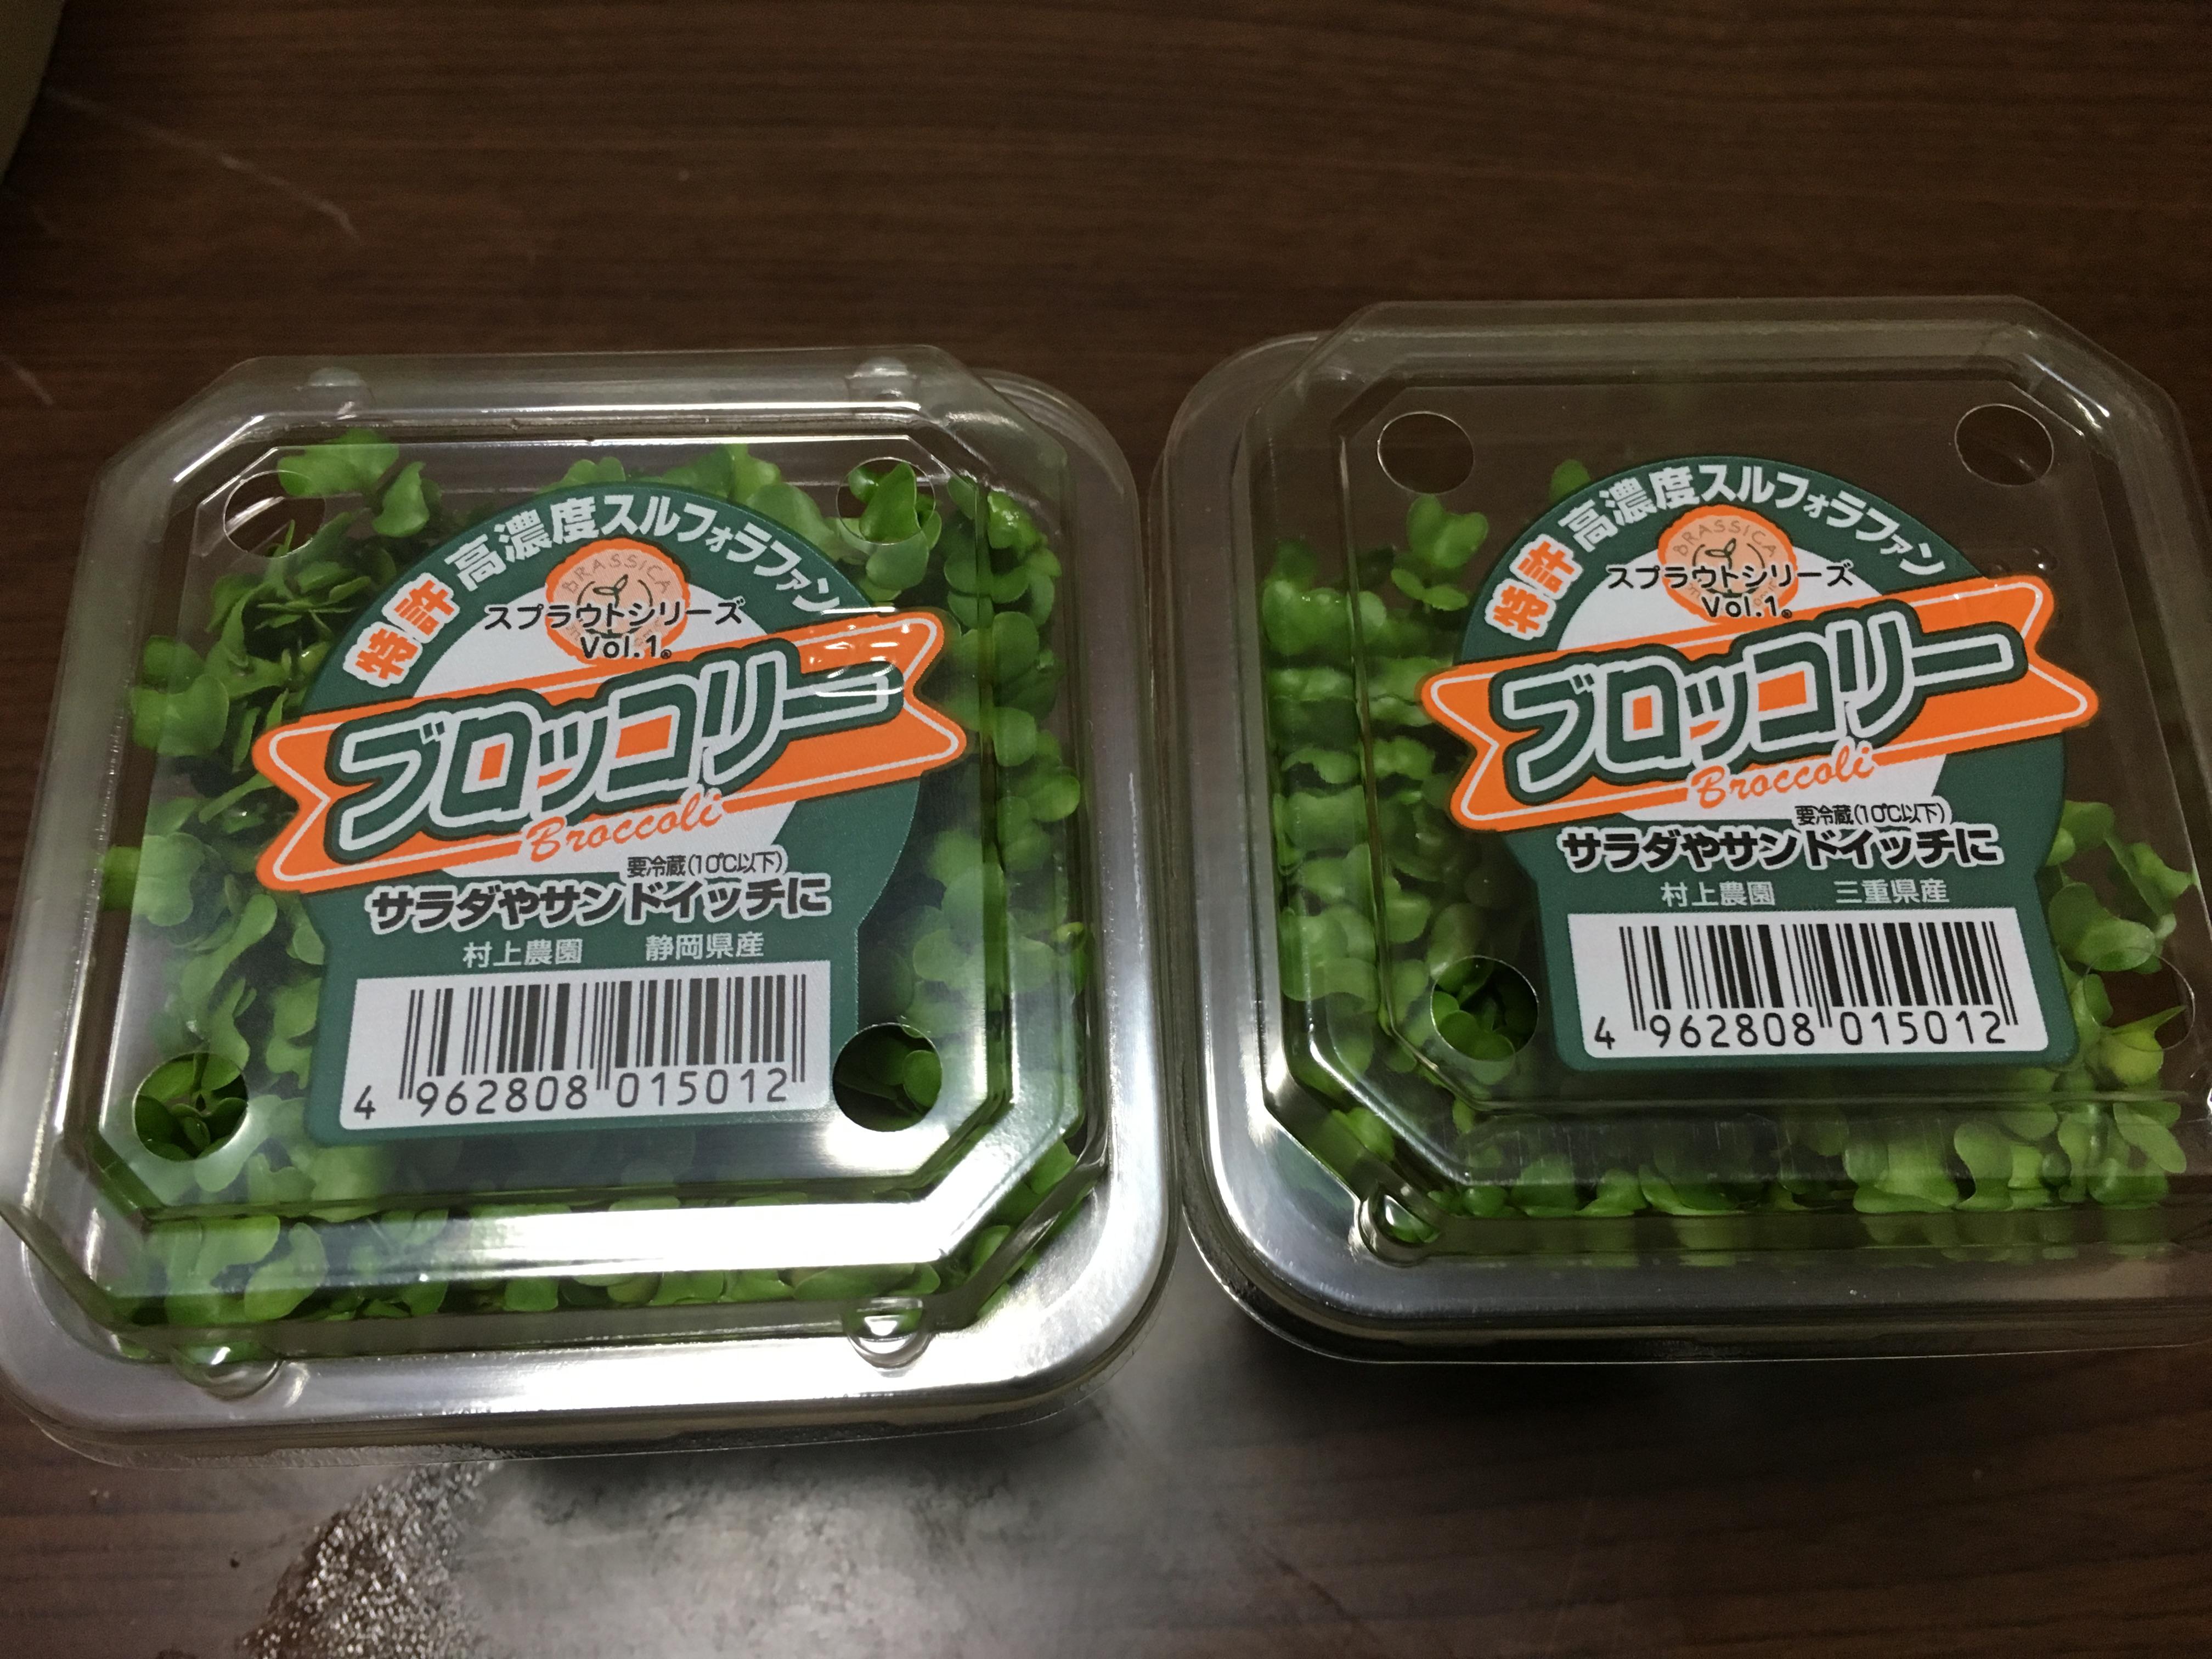 スプラウト新芽野菜のがん予防効果の正体は